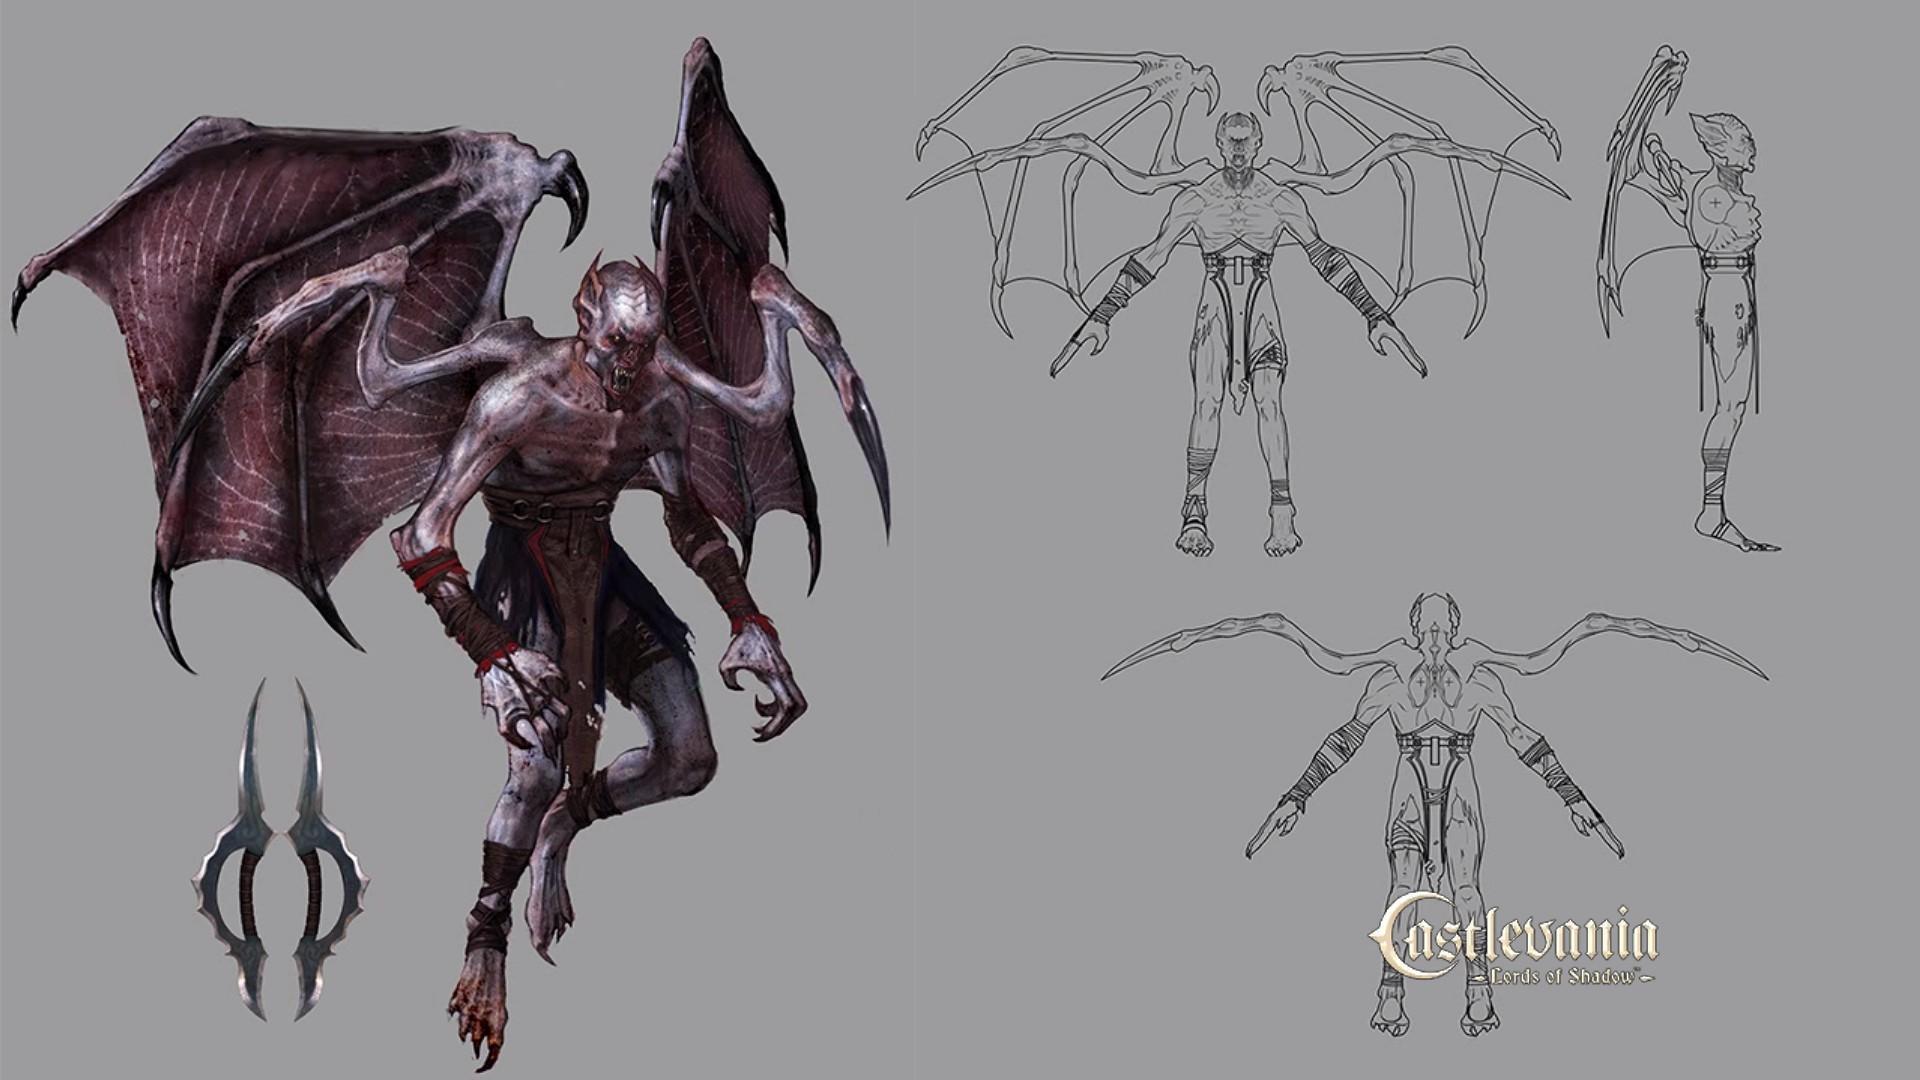 File:VampirecastlevaniaLOS.jpg